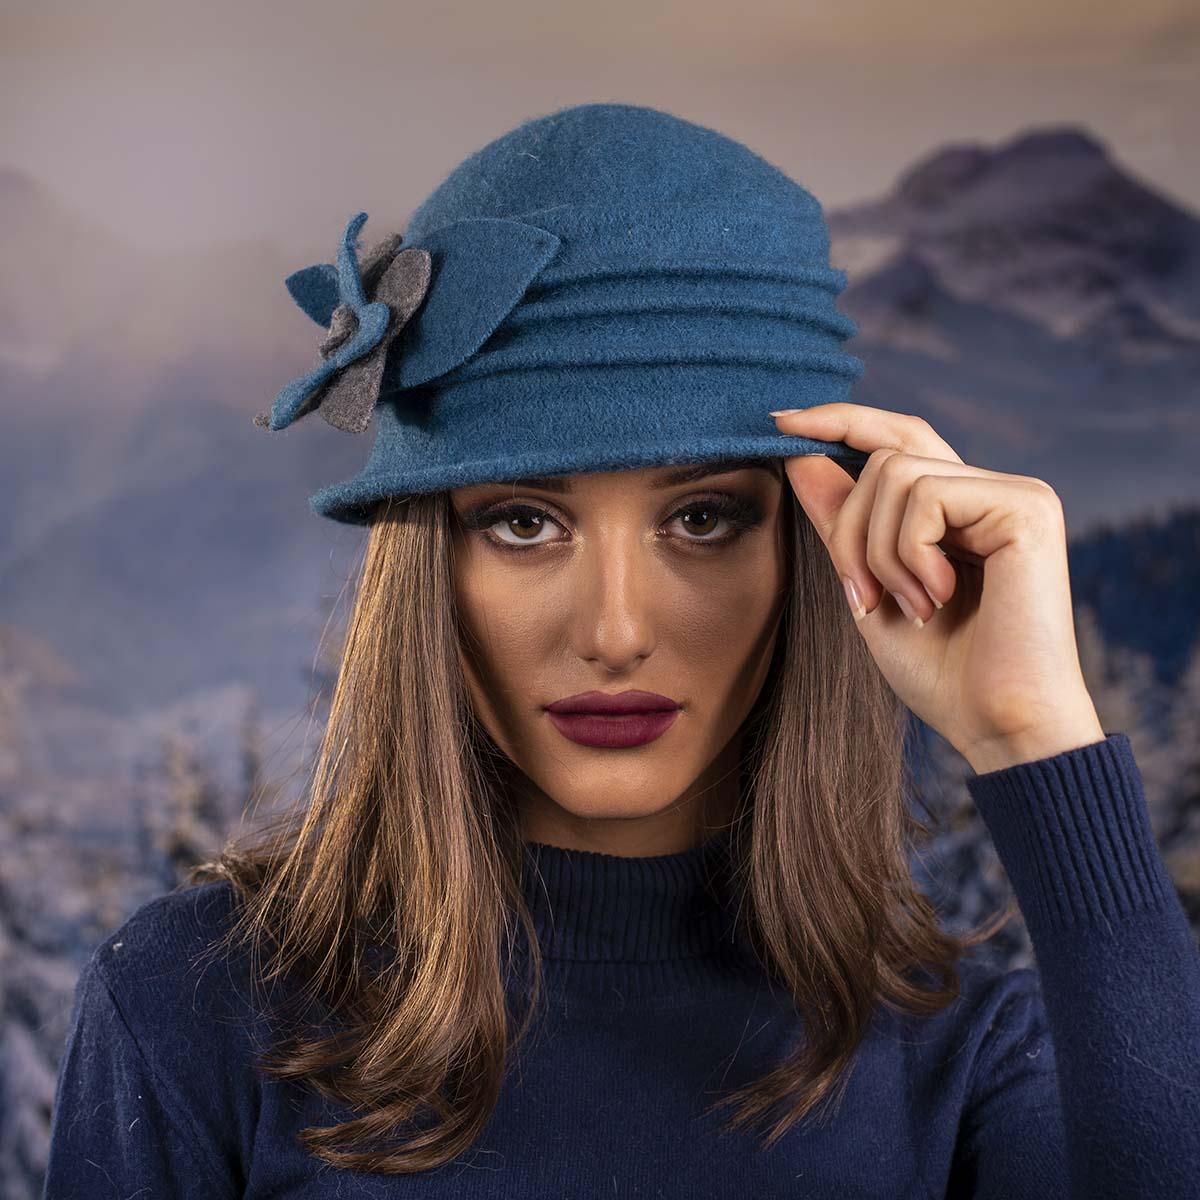 Синя Дамска Шапка Малка Периферия